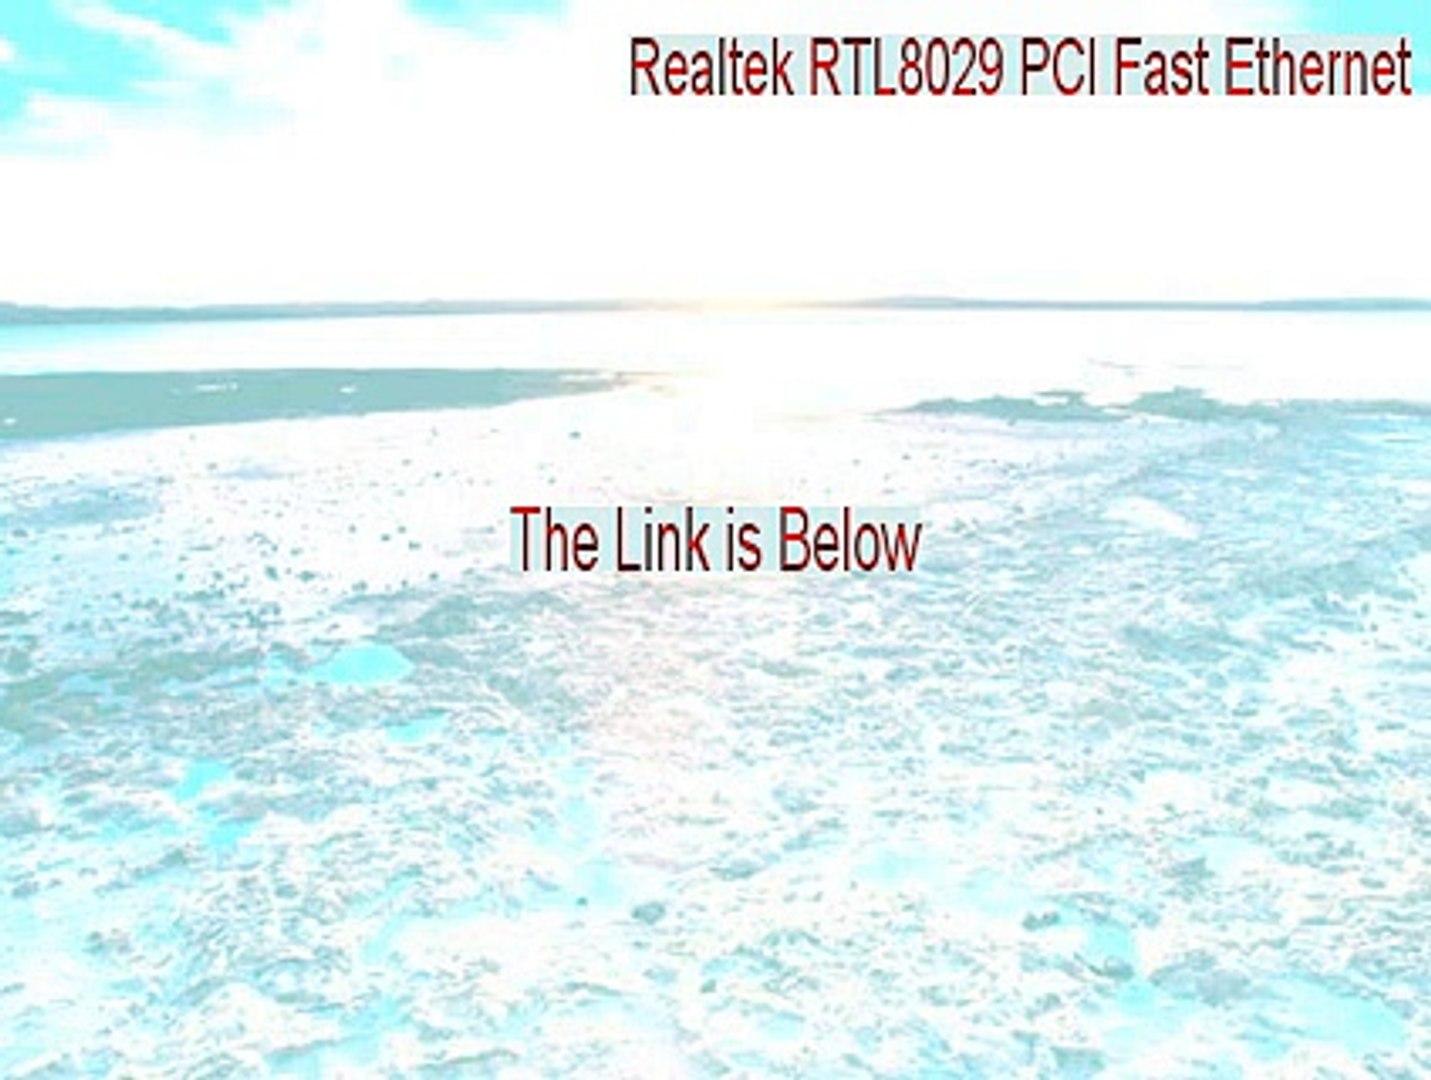 REALTEK RTL8029 PCI ETHERNET WINDOWS DRIVER DOWNLOAD